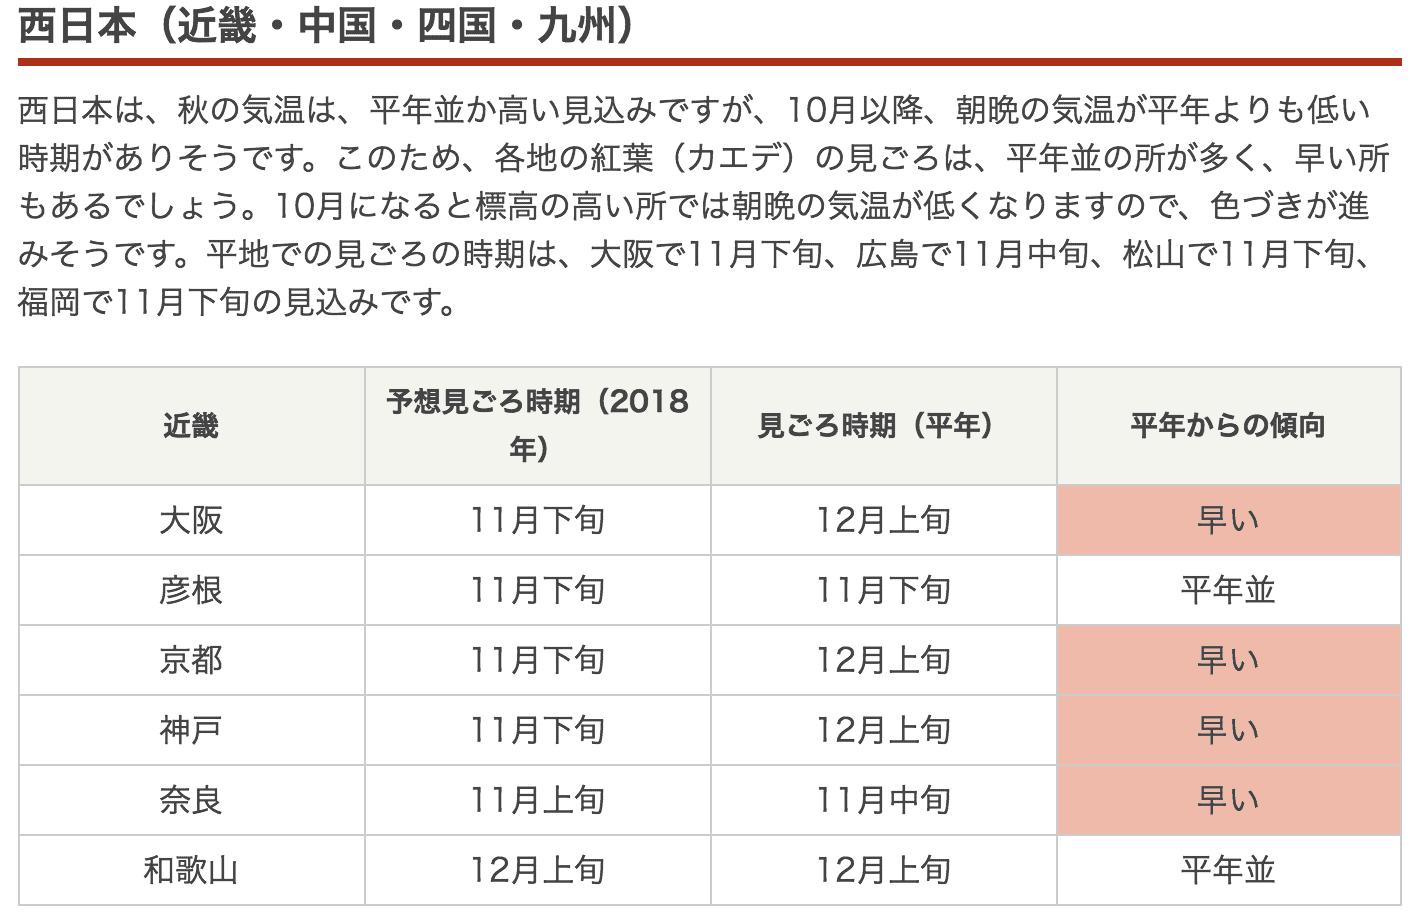 2018日本紅葉前線預測,多數熱門城市都提早楓紅~(更新時間:2018.09.12)